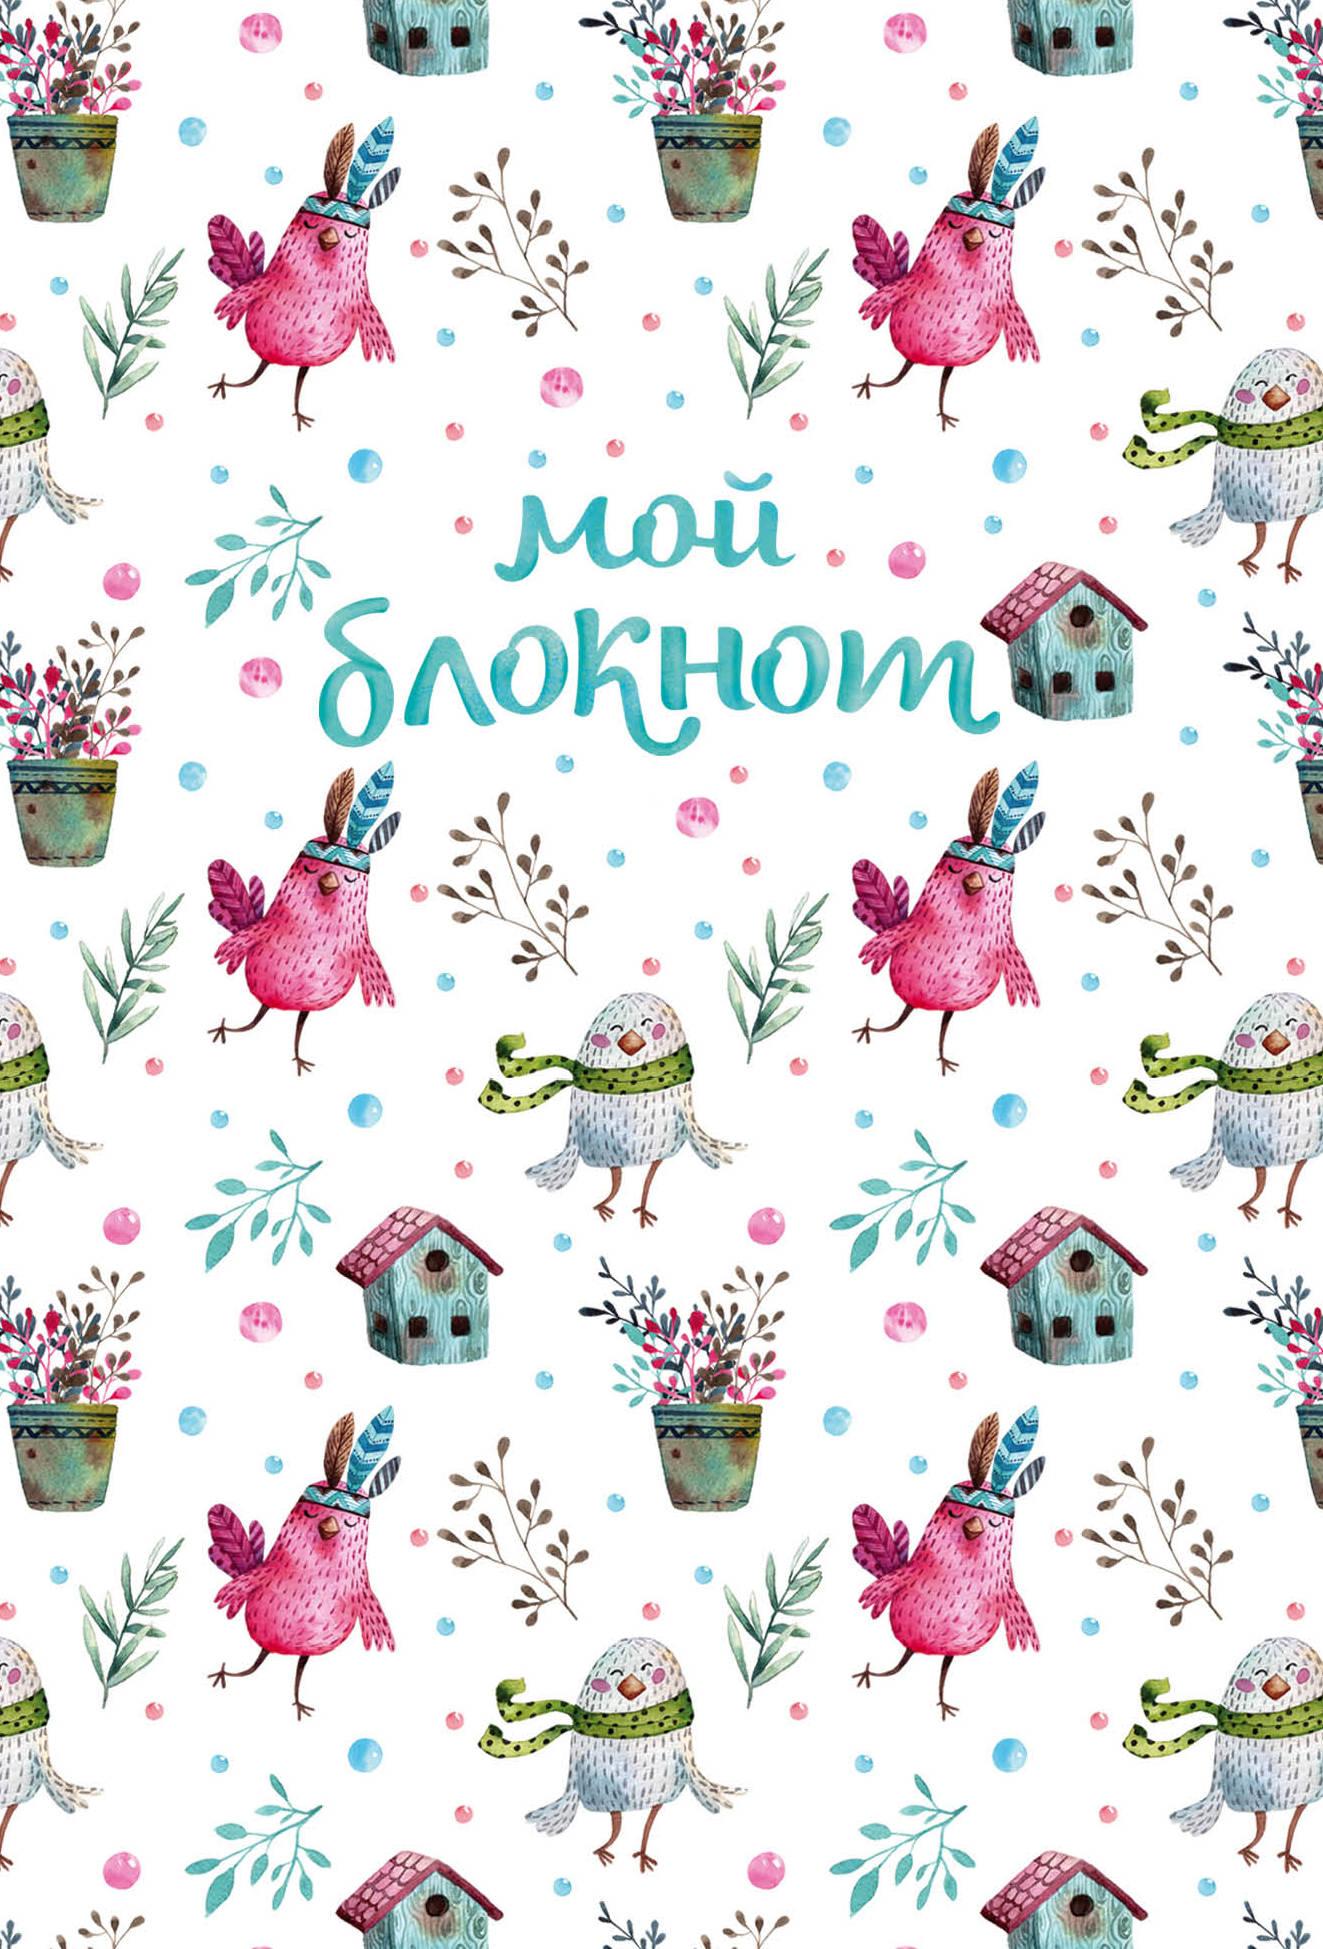 Мой блокнот. Певчие птички от @mashamashastu (паттерн) м а ступак певчие птички от mashamashastu мой блокнот зеленый